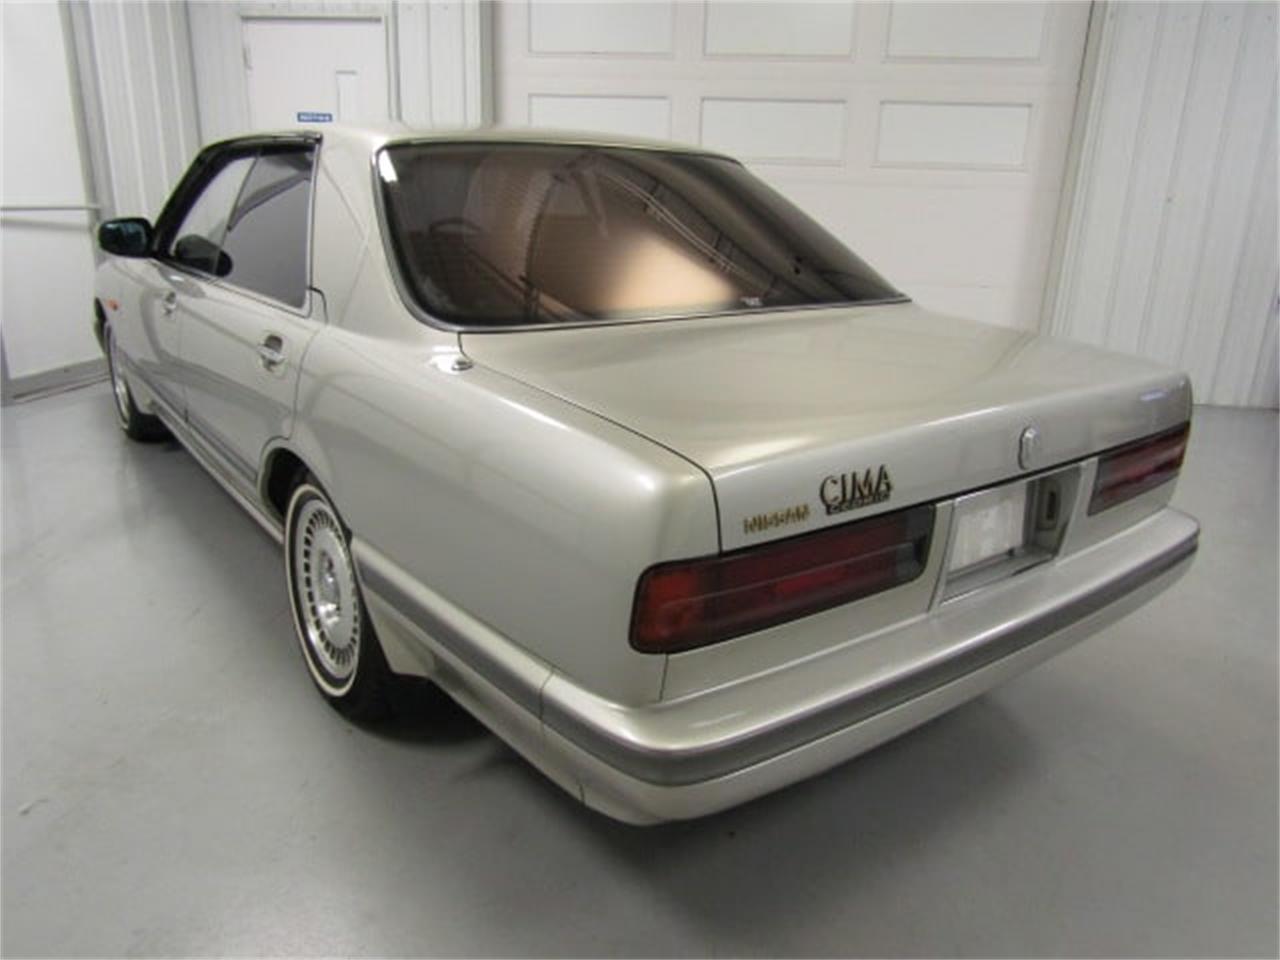 Large Picture of 1990 Nissan Cima - JZ2V